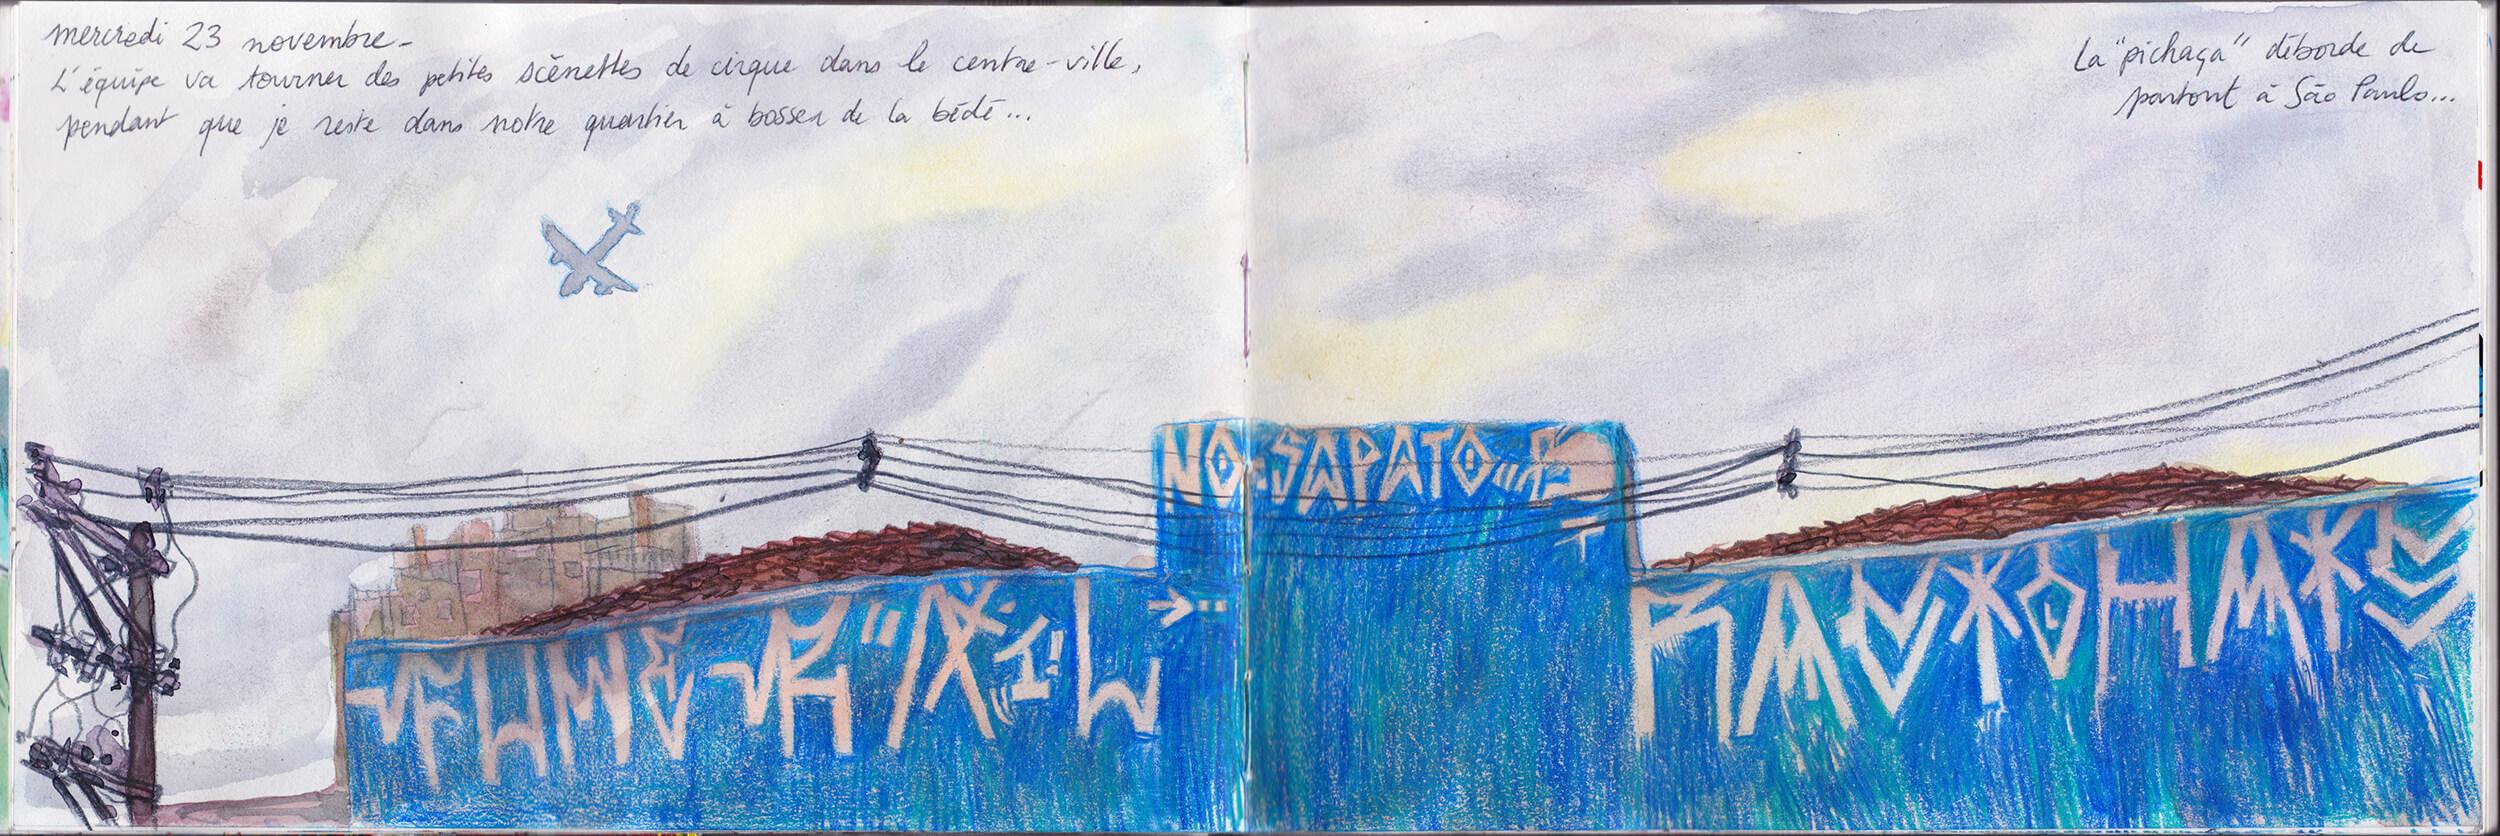 Carnet de voyage au Brésil par Piero